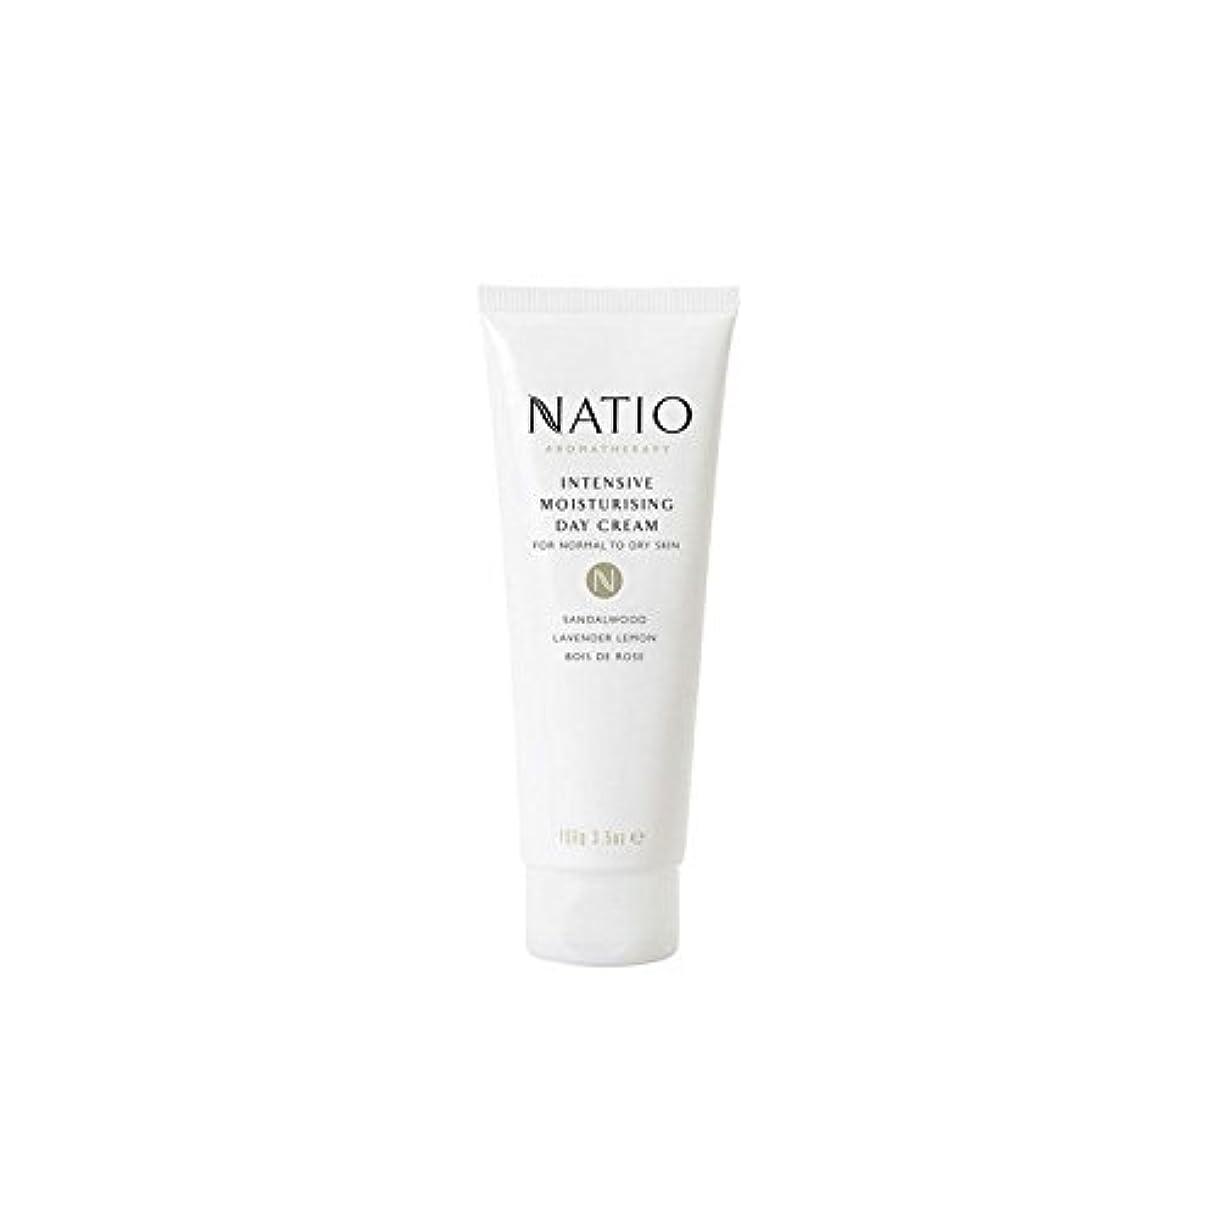 メモ想定メドレー集中的な保湿デイクリーム(100グラム) x2 - Natio Intensive Moisturising Day Cream (100G) (Pack of 2) [並行輸入品]